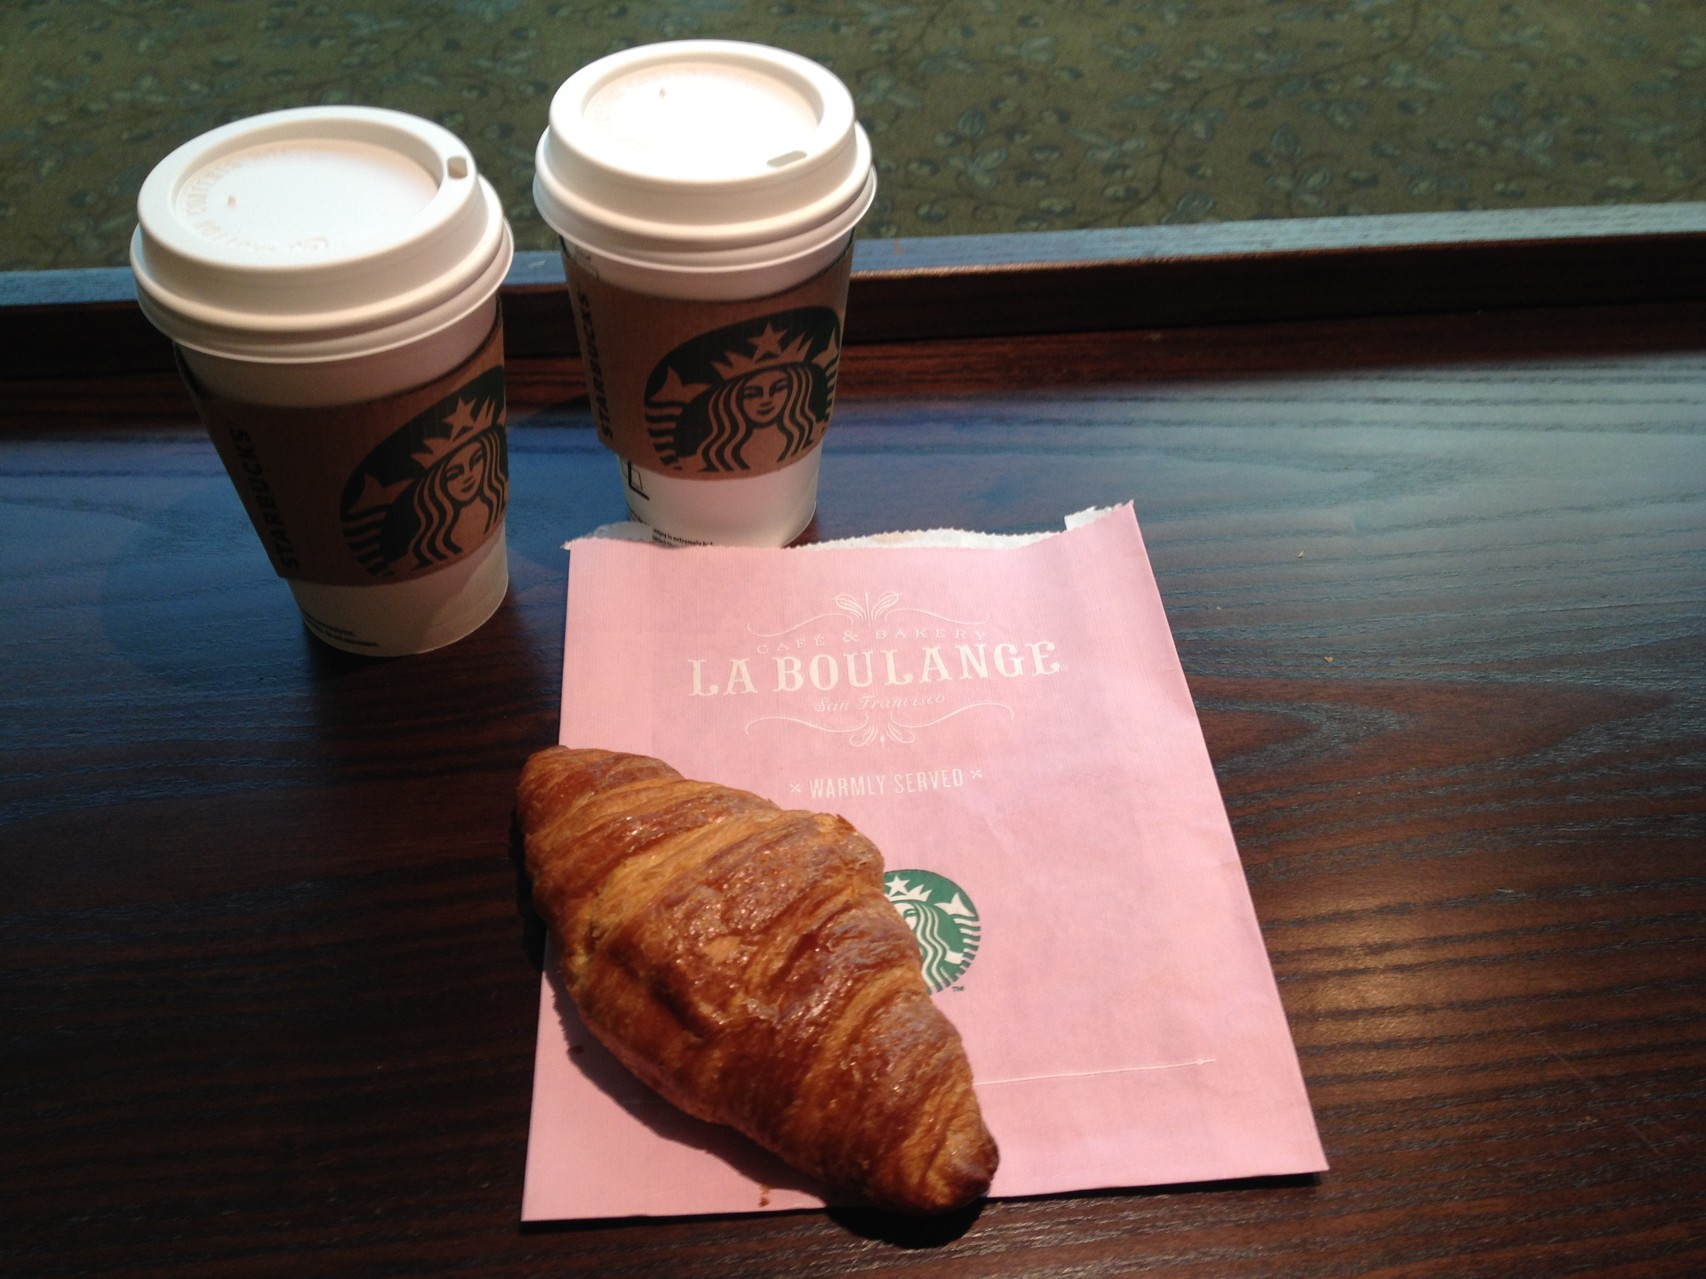 einen Kaffee bei Starbucks geschenkt bekommen, das Croissant war noch warm!